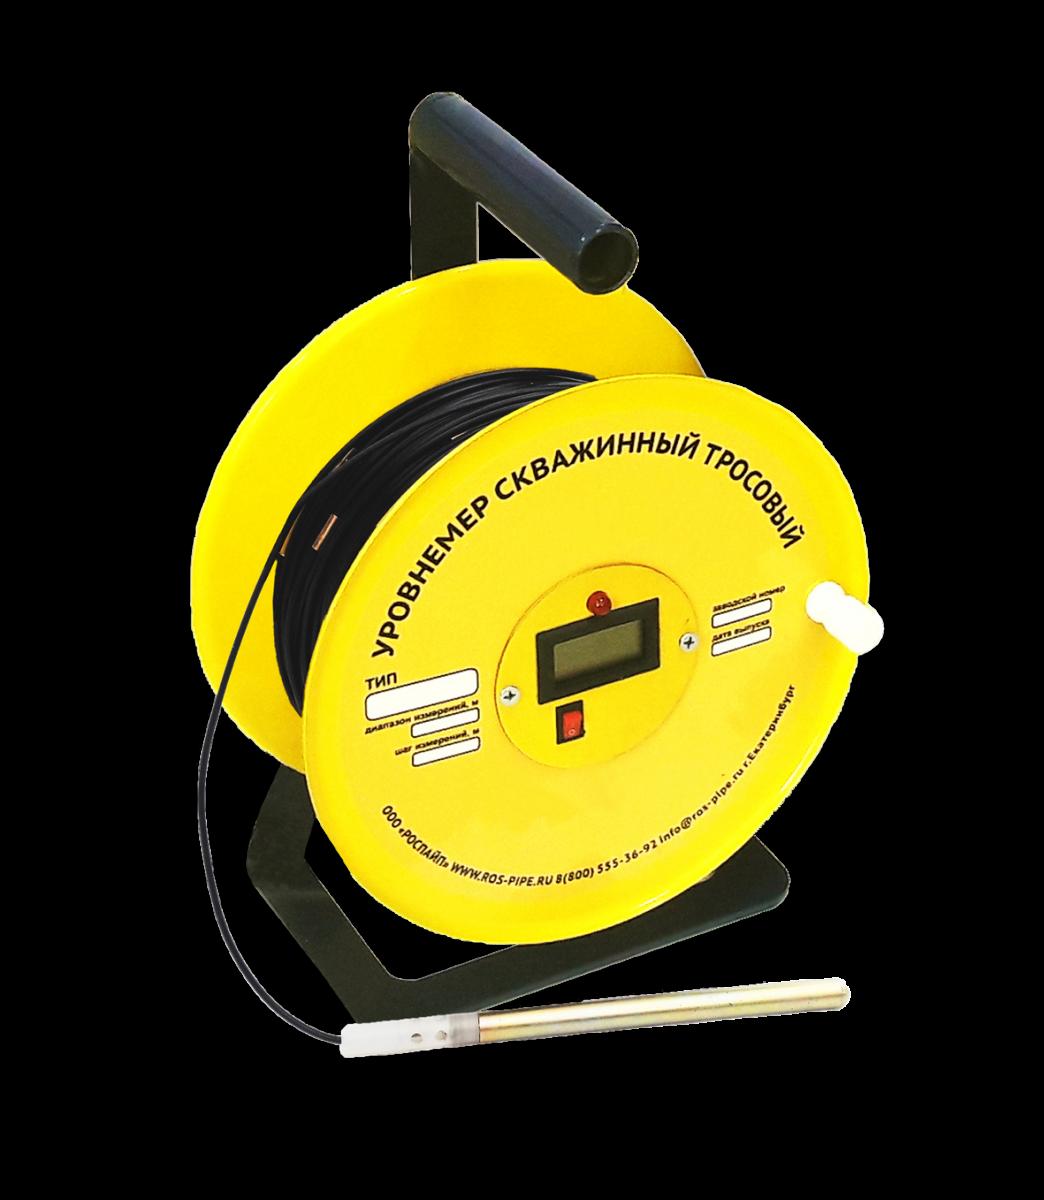 Уровнемер с термометром УТСК-ТЭ-100